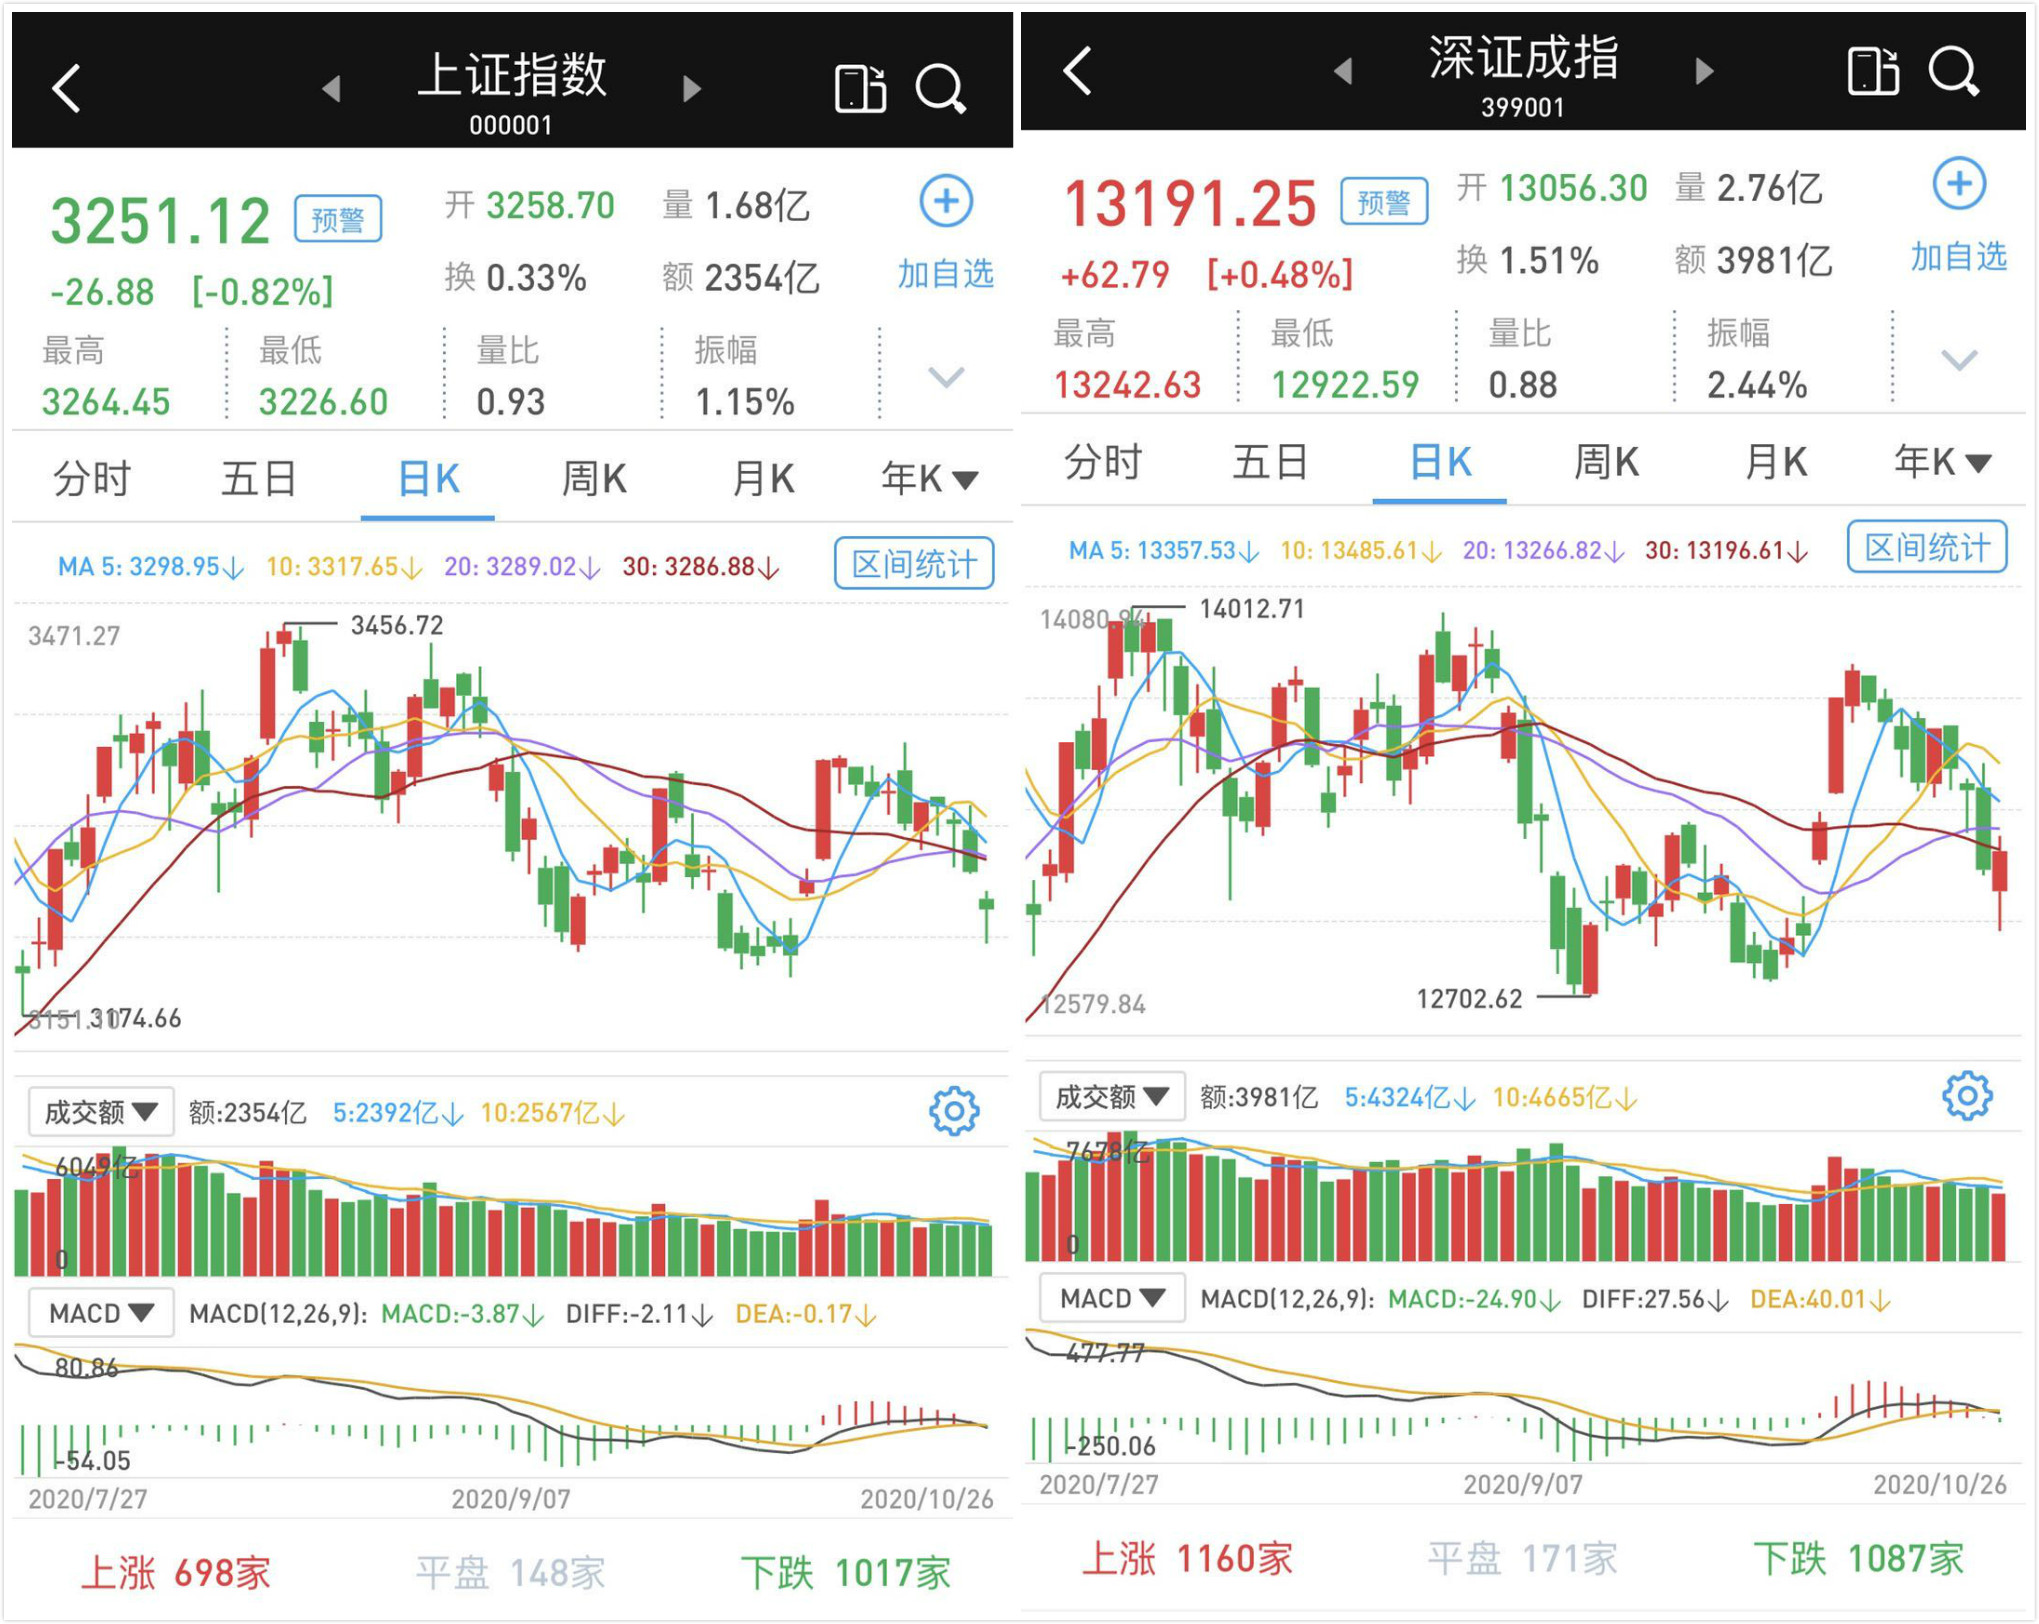 权重股疲软:沪深两市涨跌互现,成交已萎缩至不足6400亿